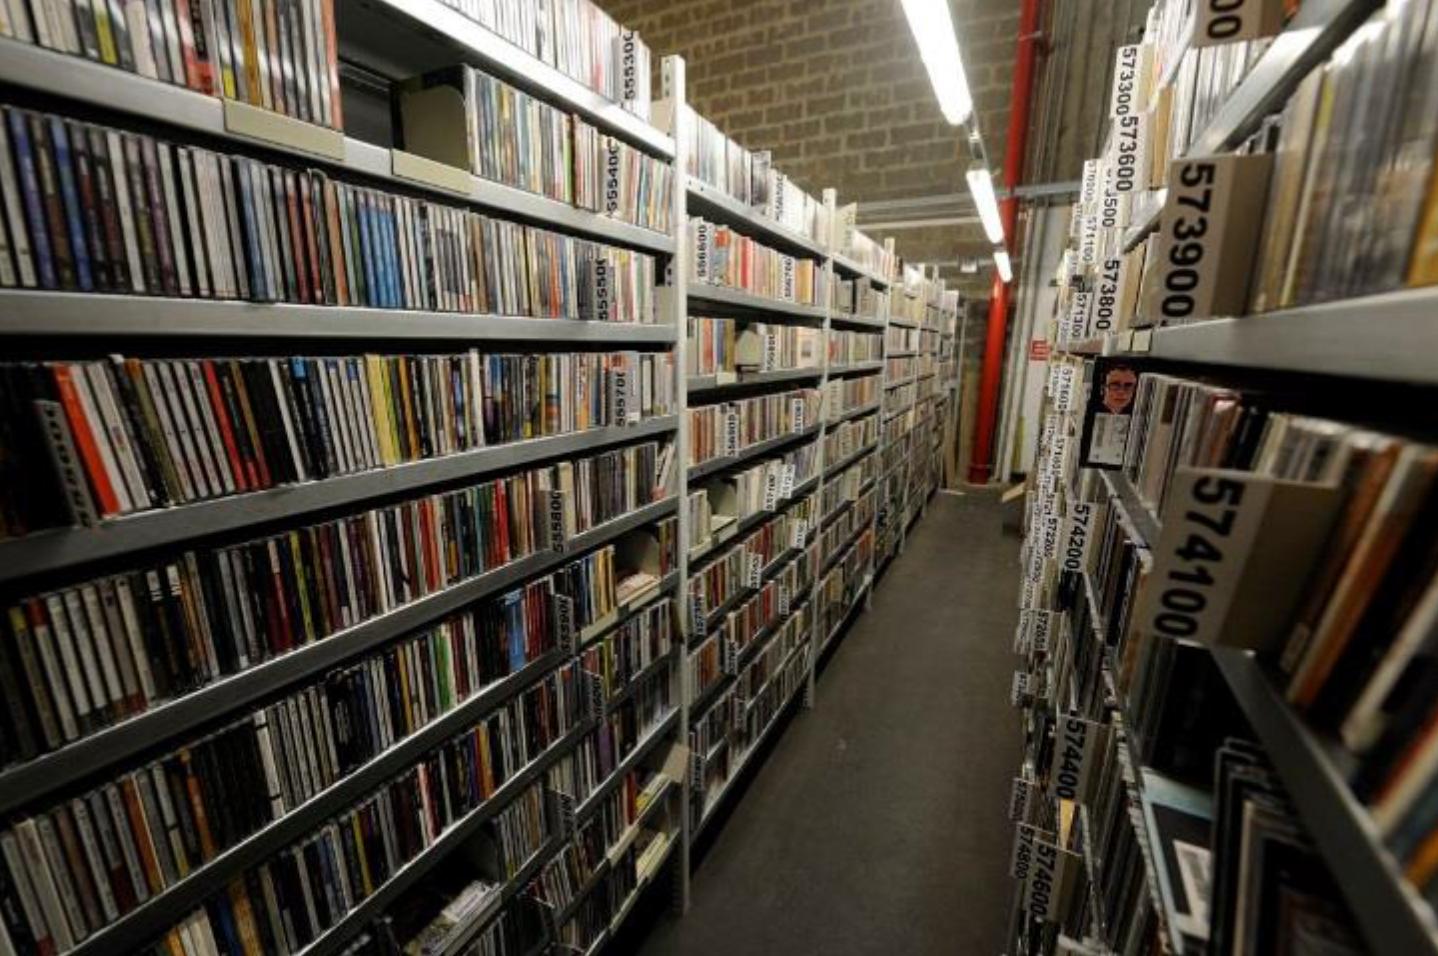 La Discothèque de Radio France est constituée de plus de 1.2 million de disques et de près de 2.5 millions de fichiers numériques © Christophe Abramowitz